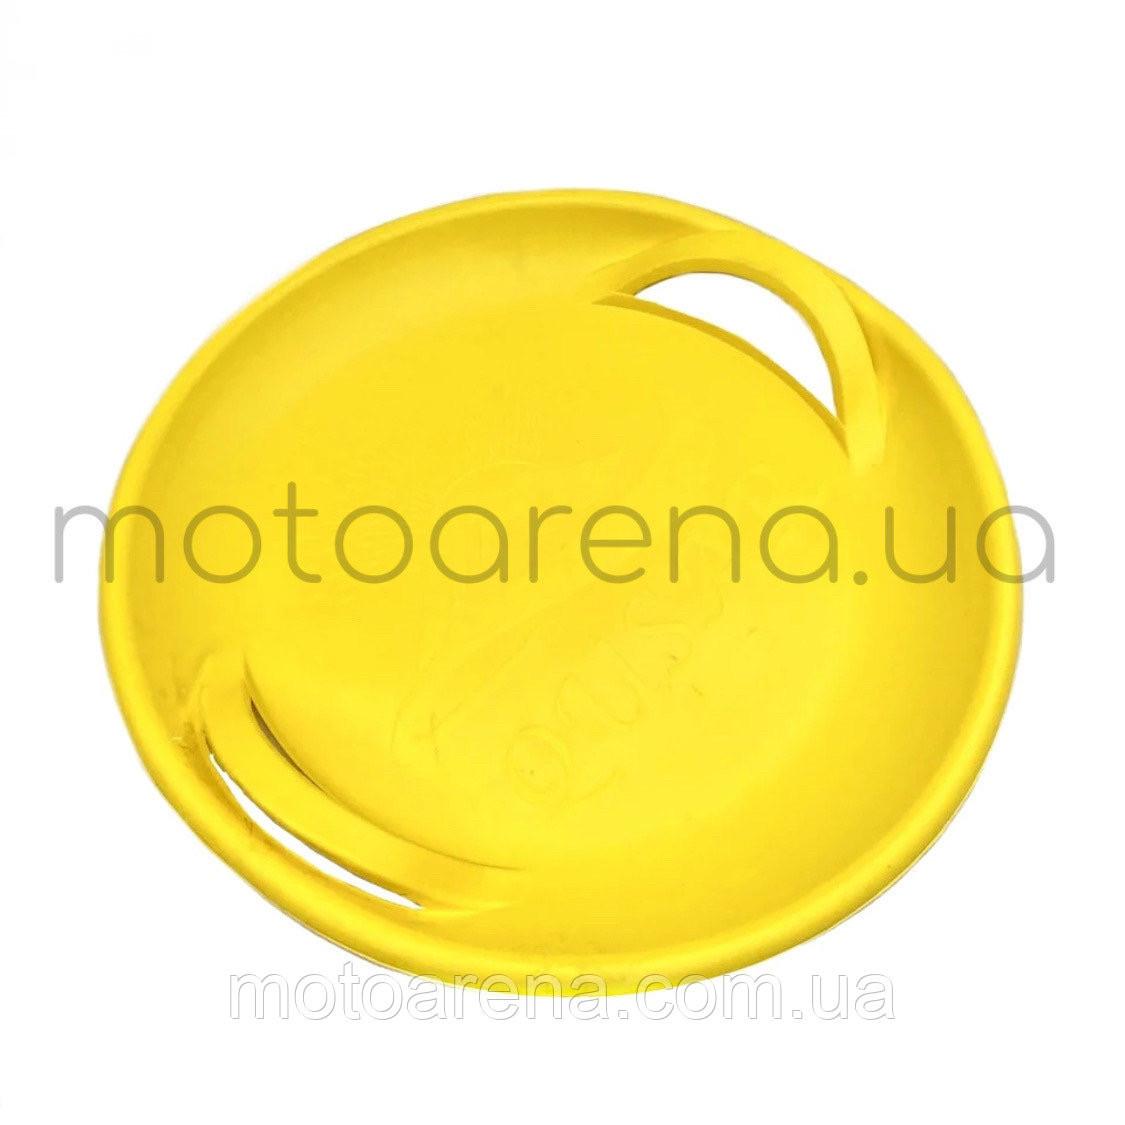 Ледянка «Gusar» жёлтая